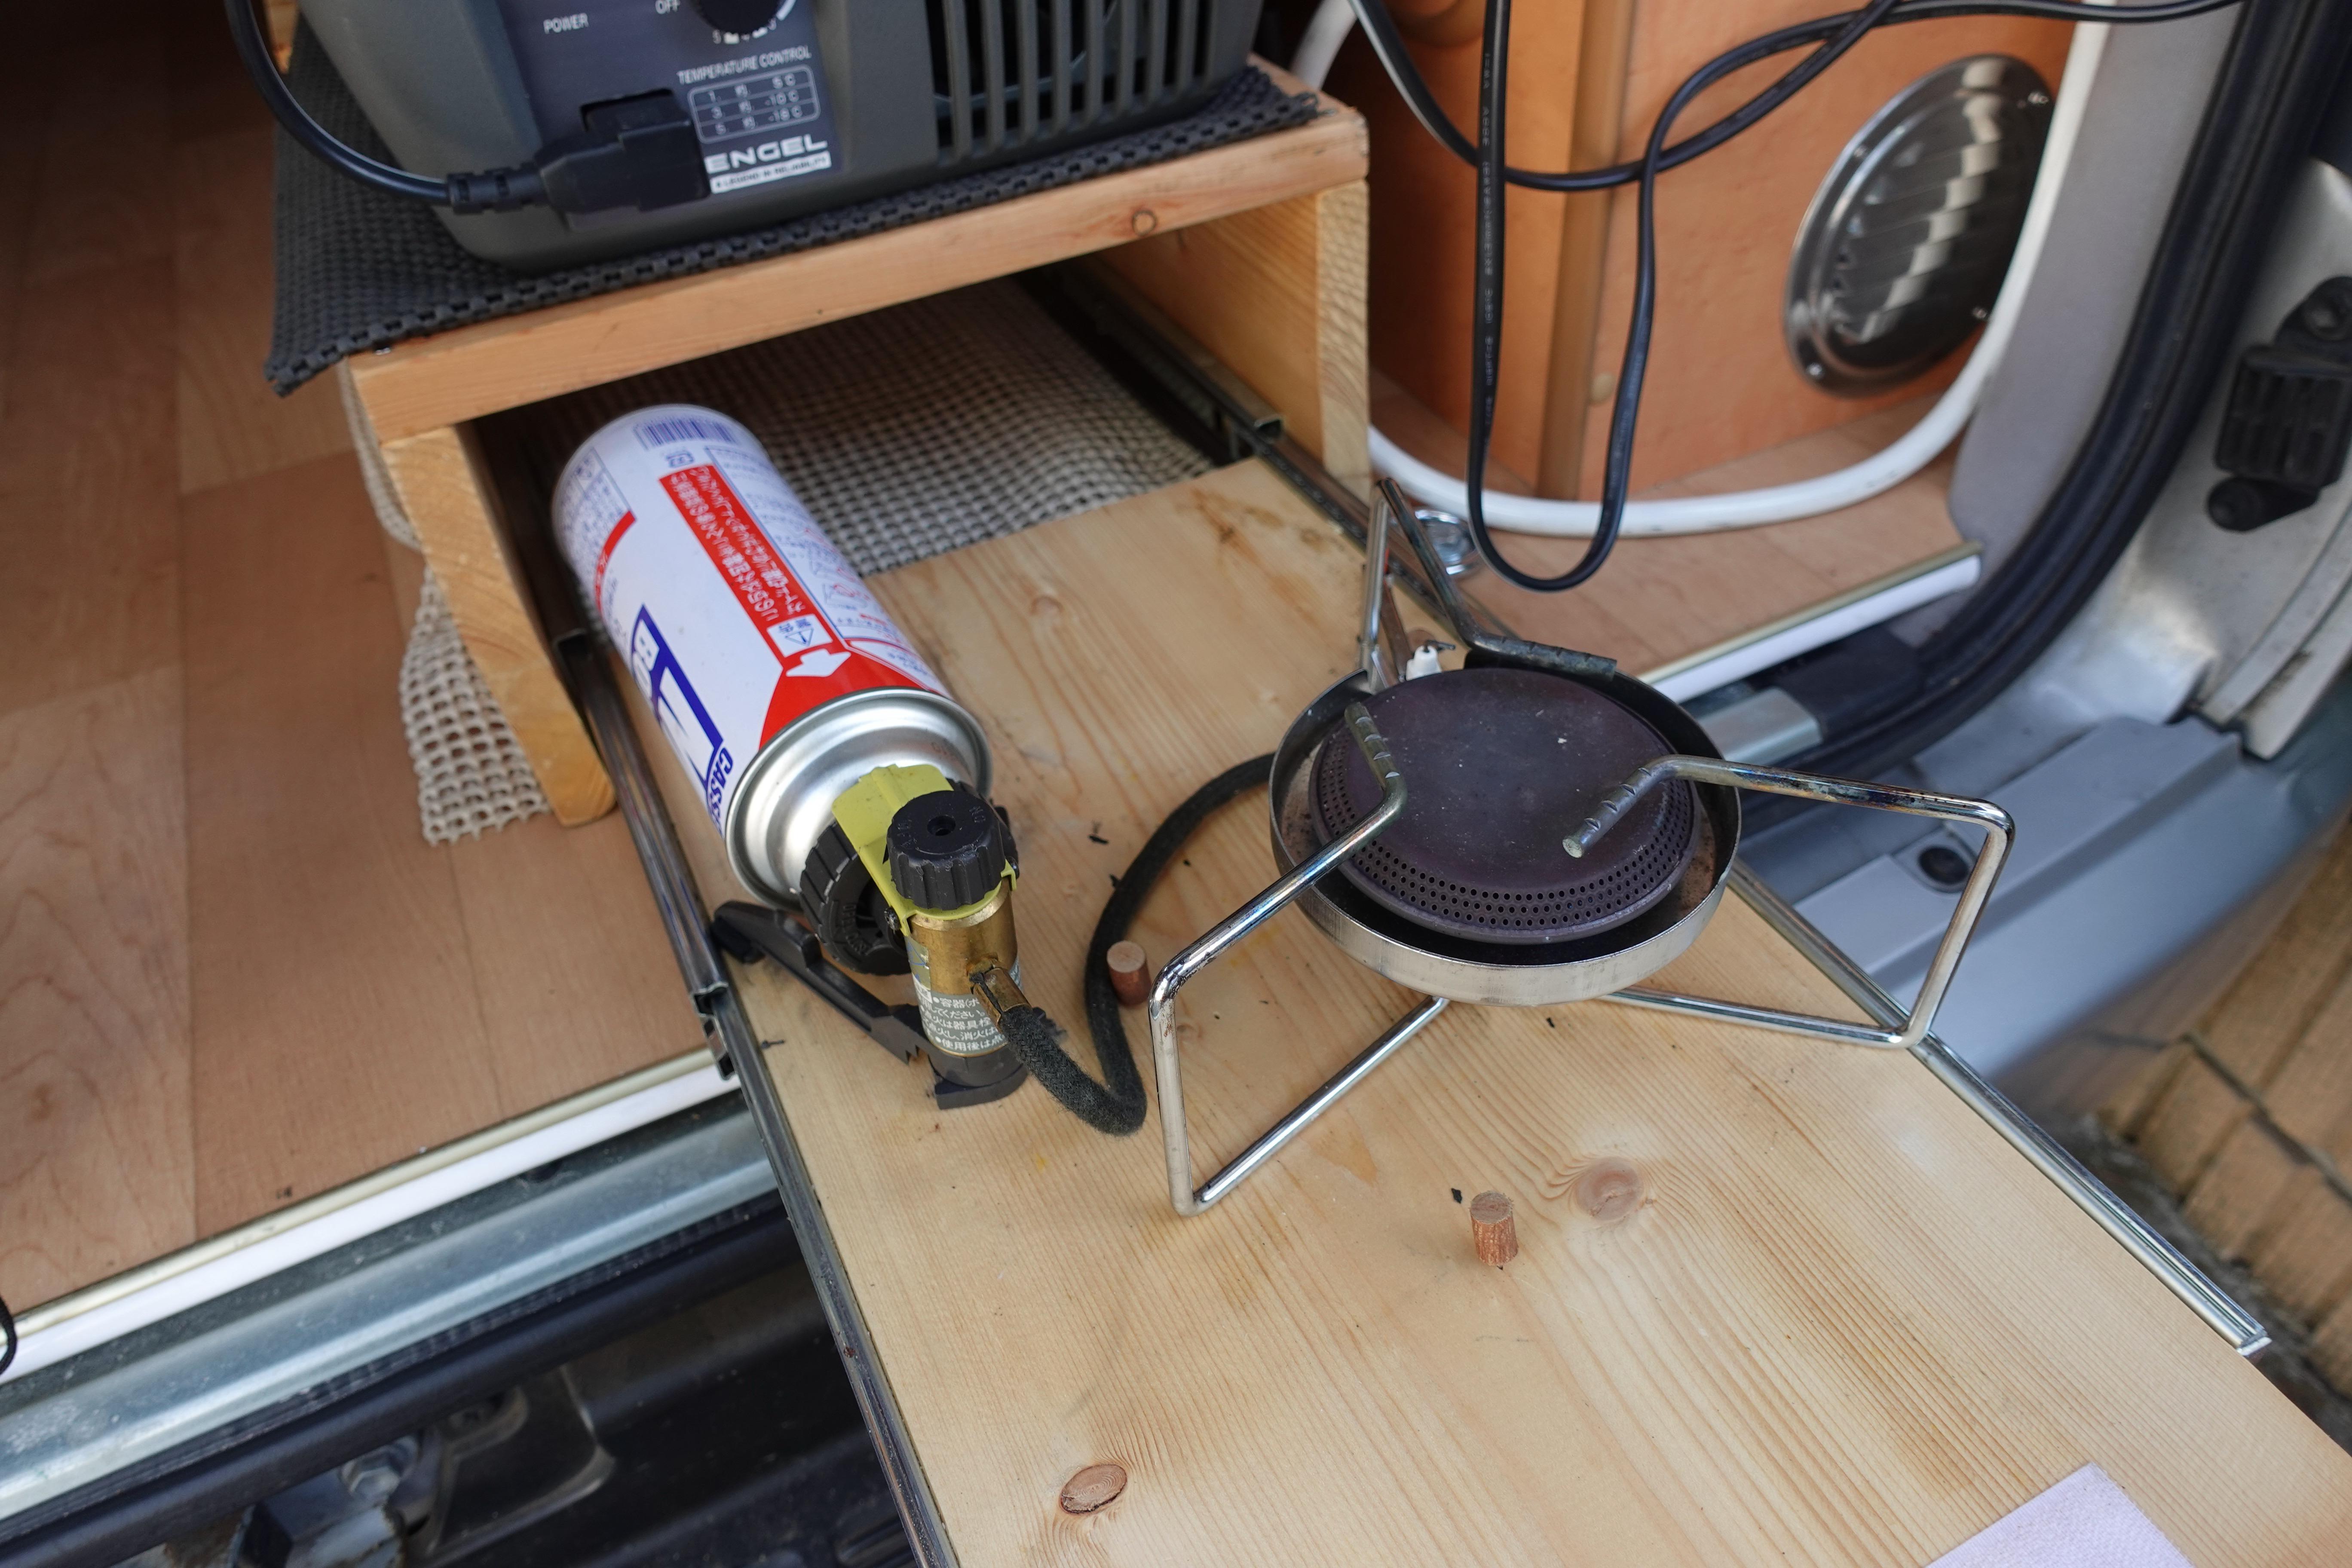 (5)内観(設備等) 冷蔵庫の下のスライド式棚にカセットコンロを収納しています